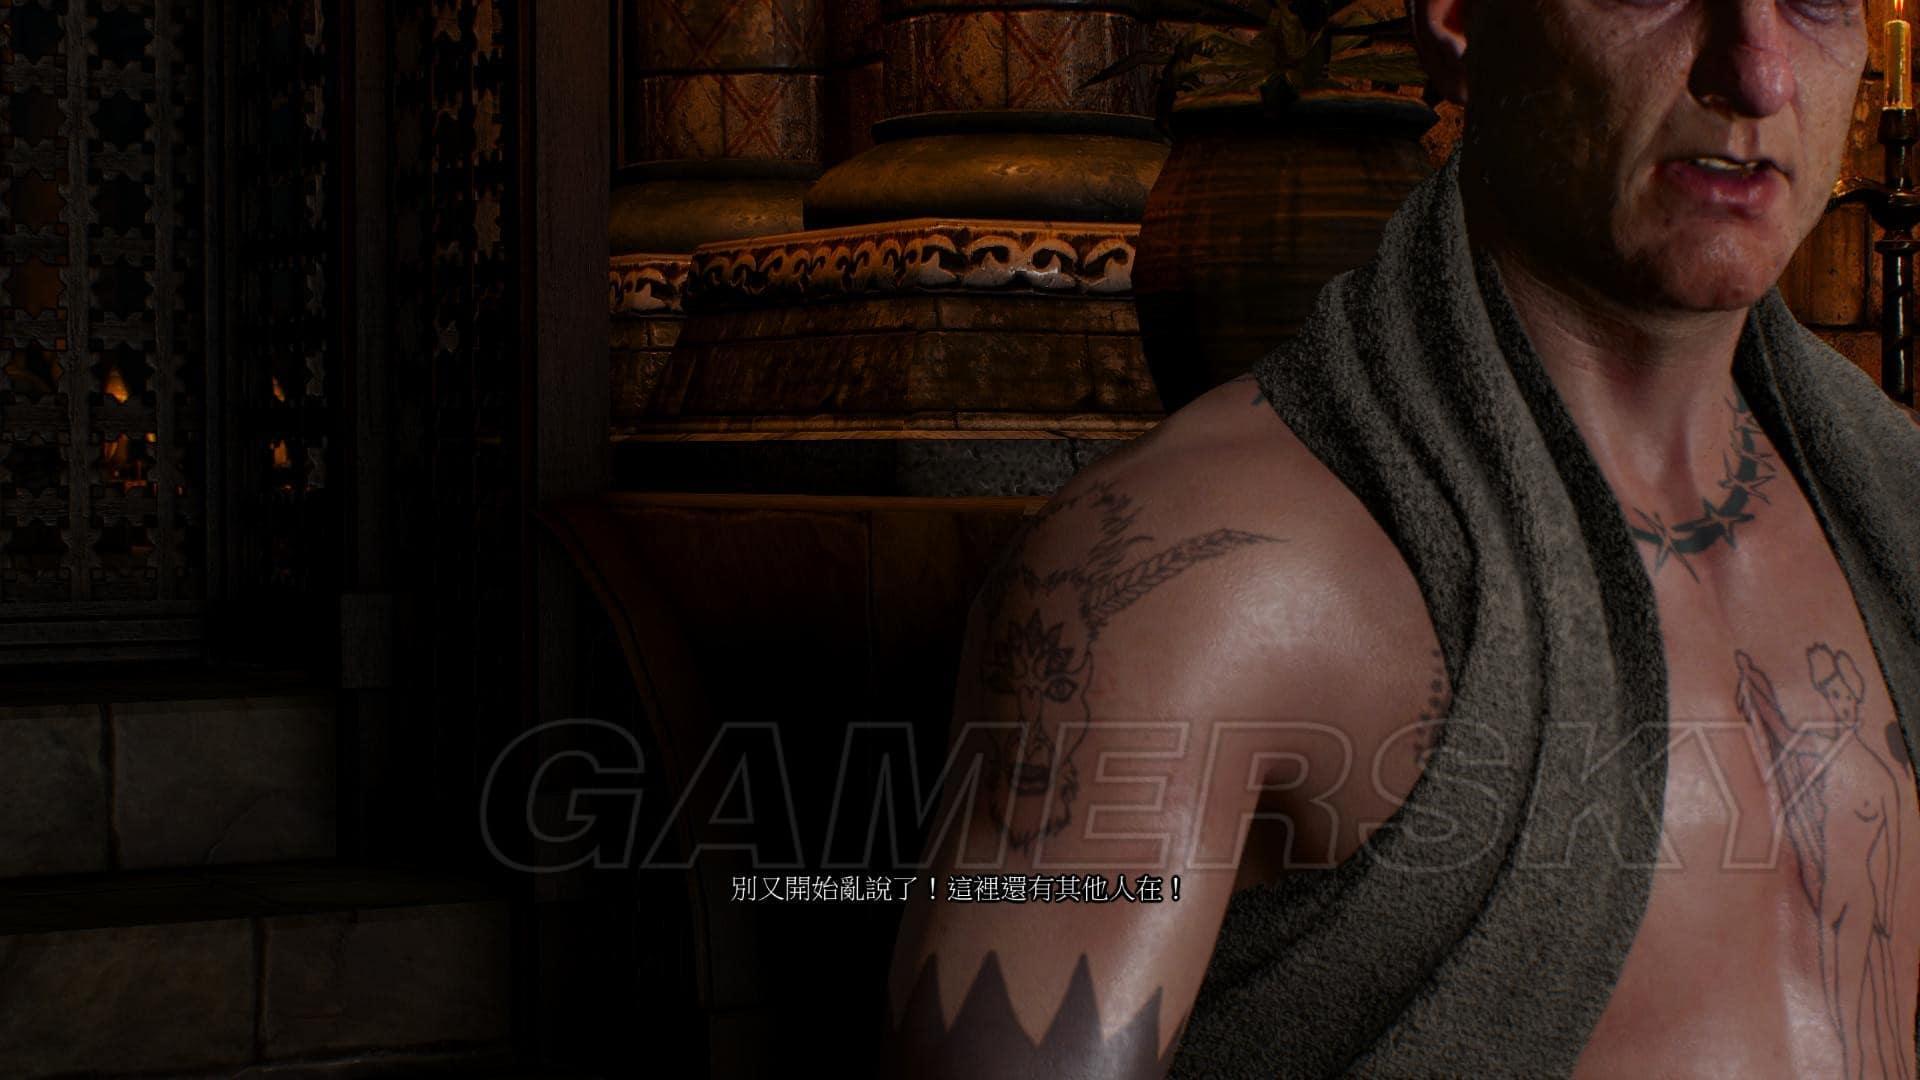 巫師3 乞丐王及屠夫紋身含義探究 乞丐王紋身是什麼意思